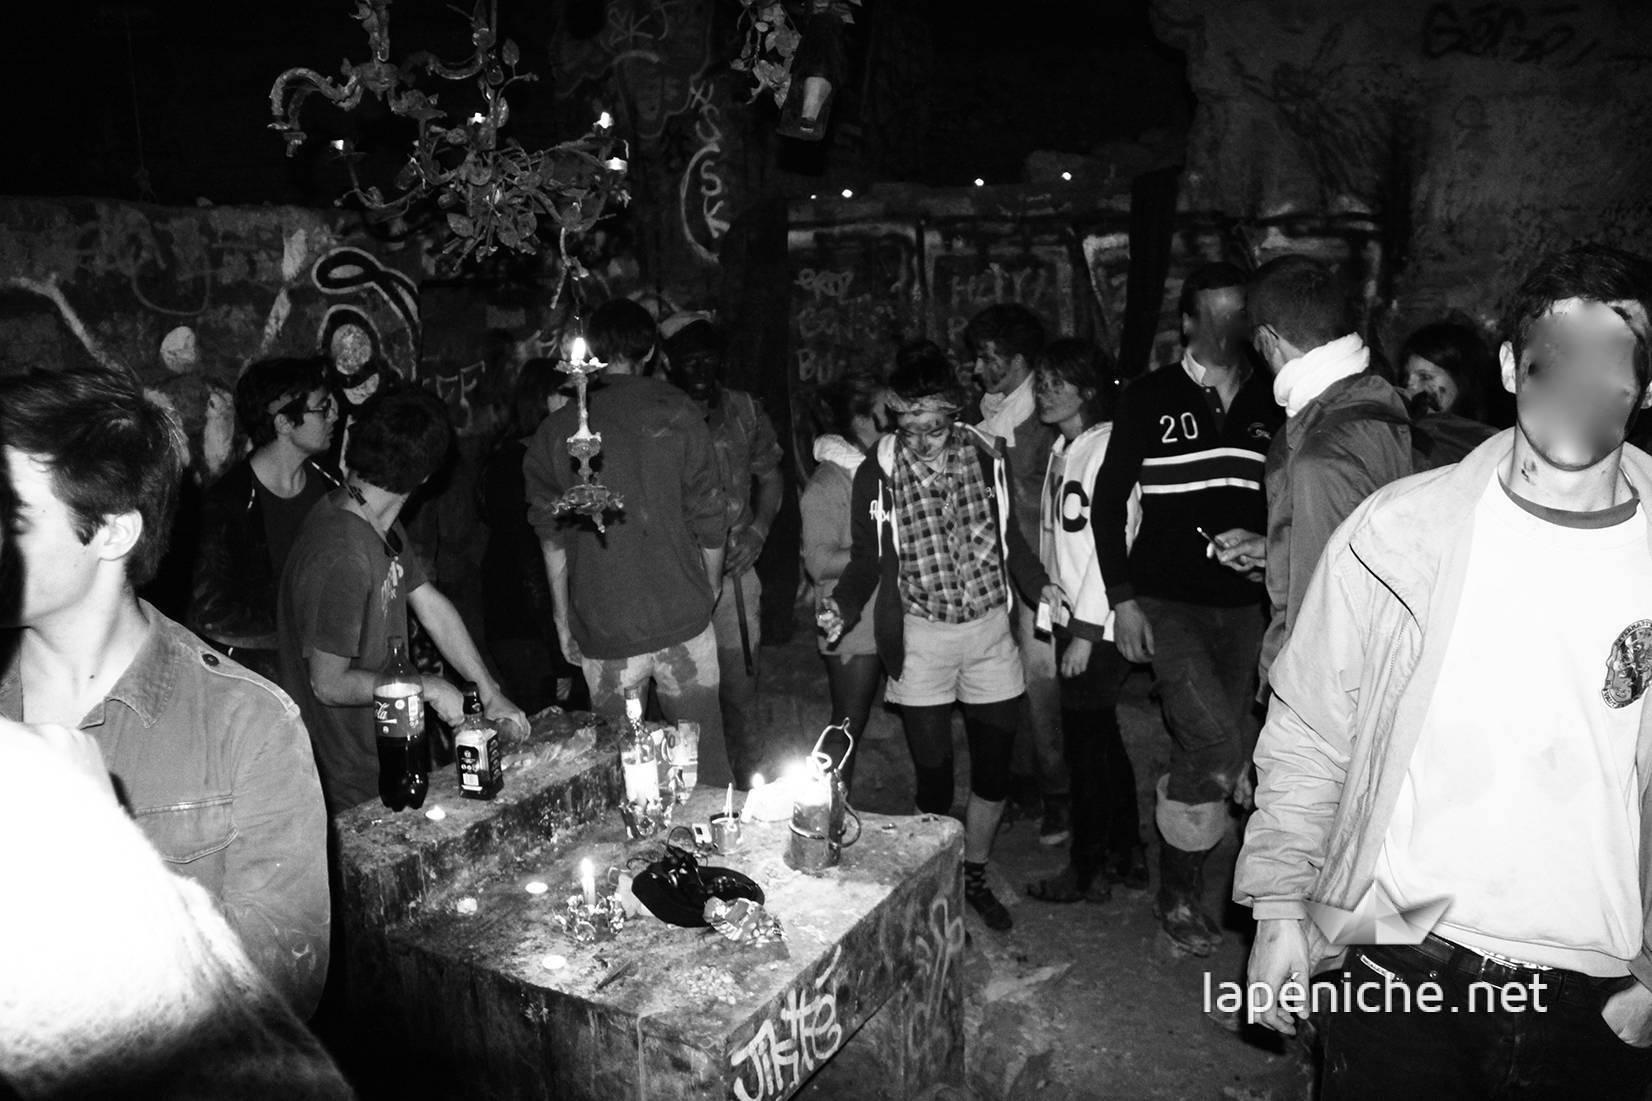 Rencontre inattendue avec des jeunes cataphiles des Mines. Photographie : Amal Ibraymi.